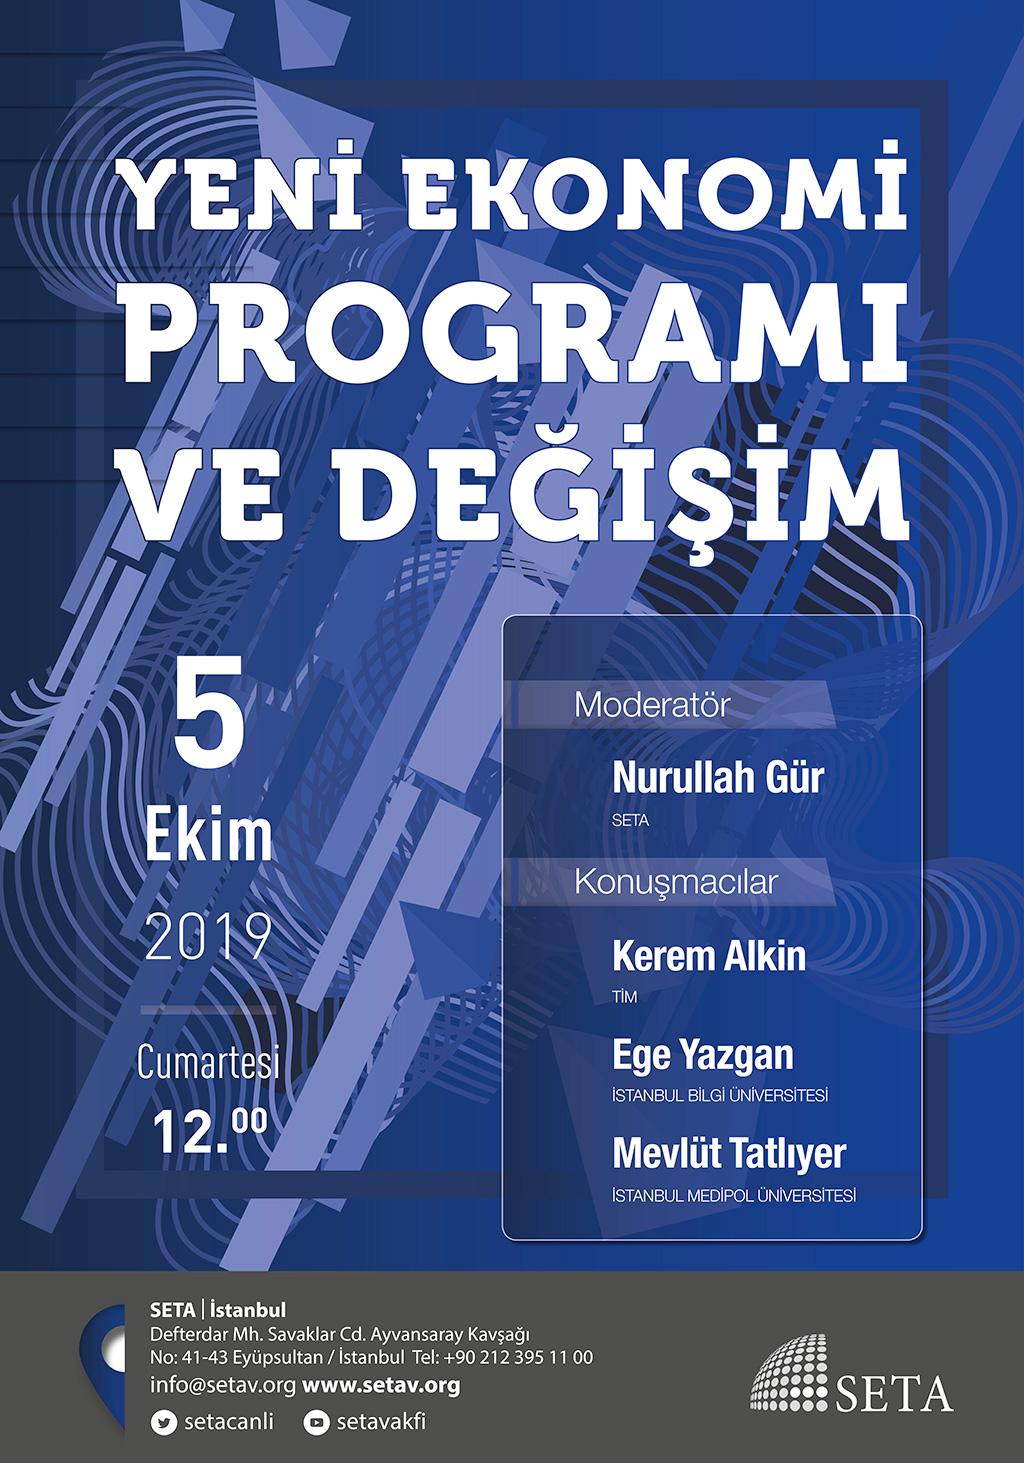 Panel: Yeni Ekonomi Programı ve Değişim